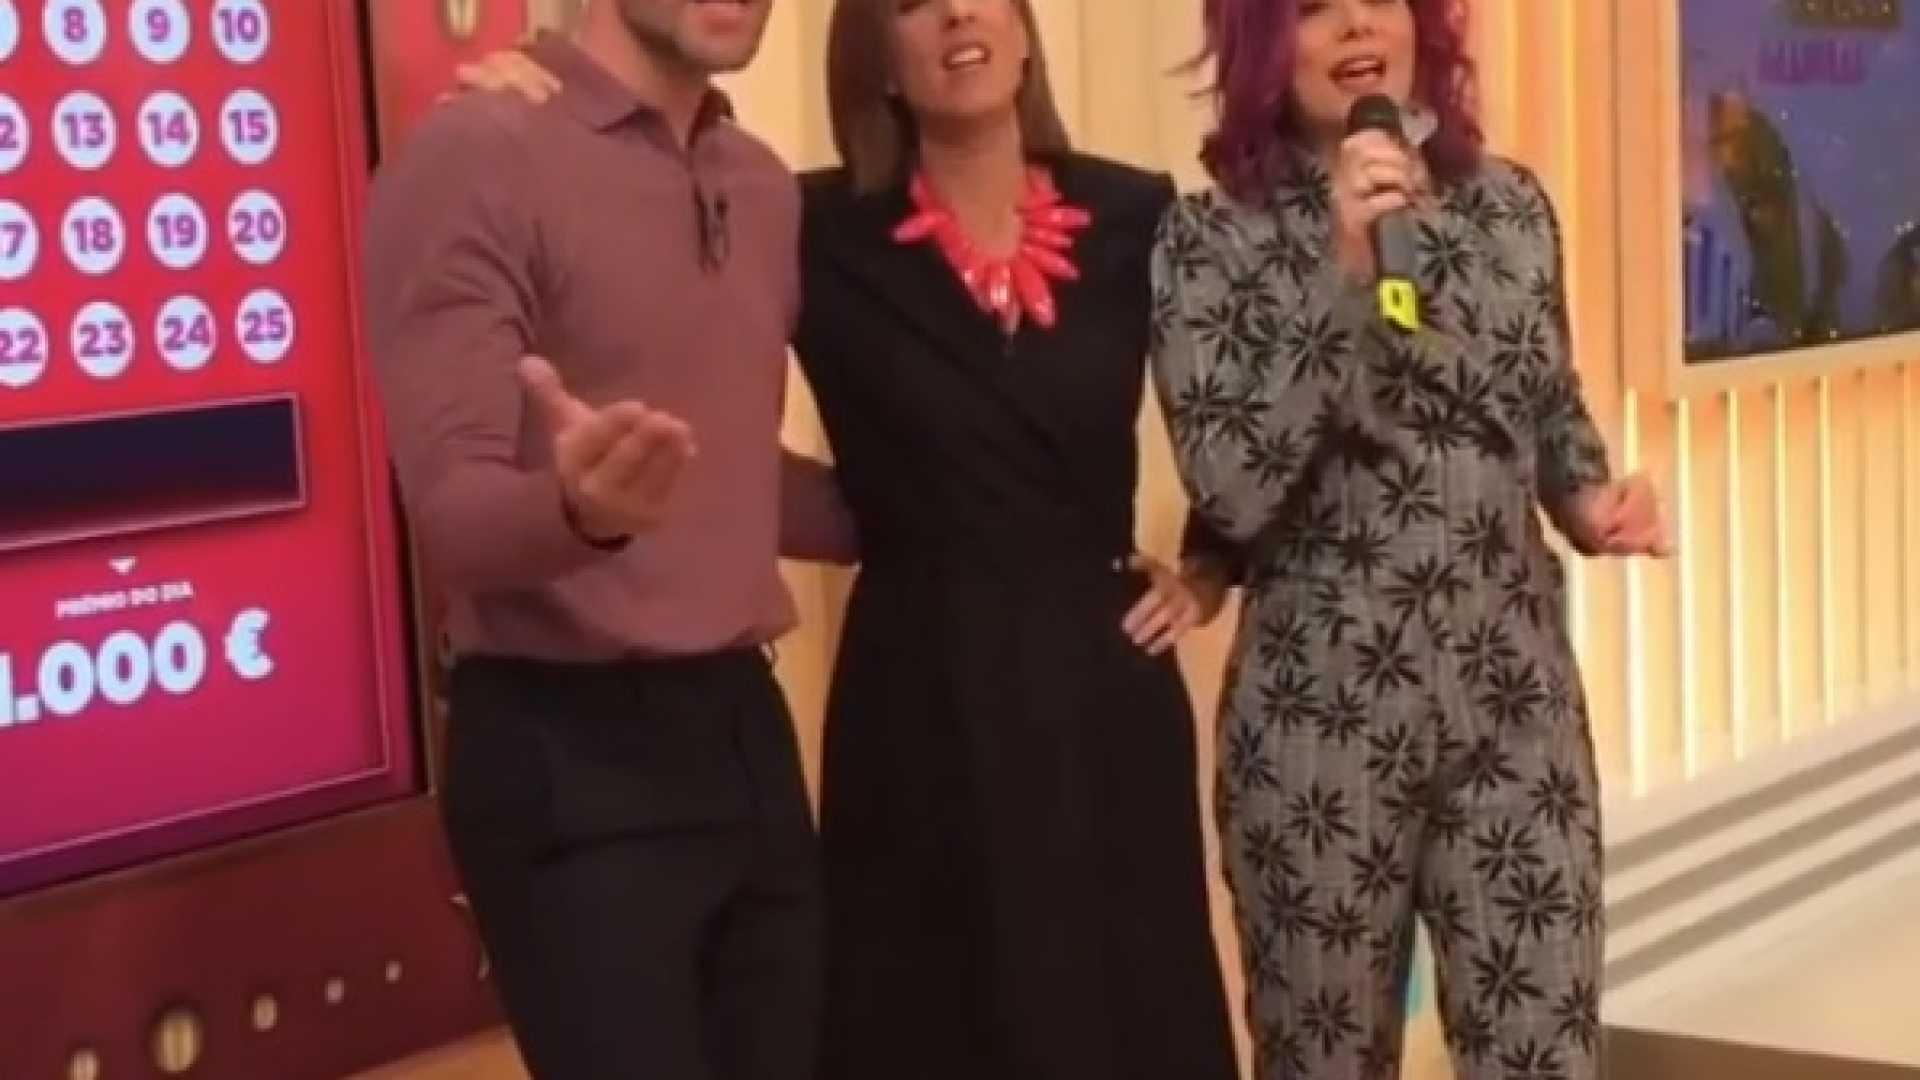 Cláudio Ramos, Ana Marques e Mónica Sintra dão voz a 'Afinal Havia Outra'